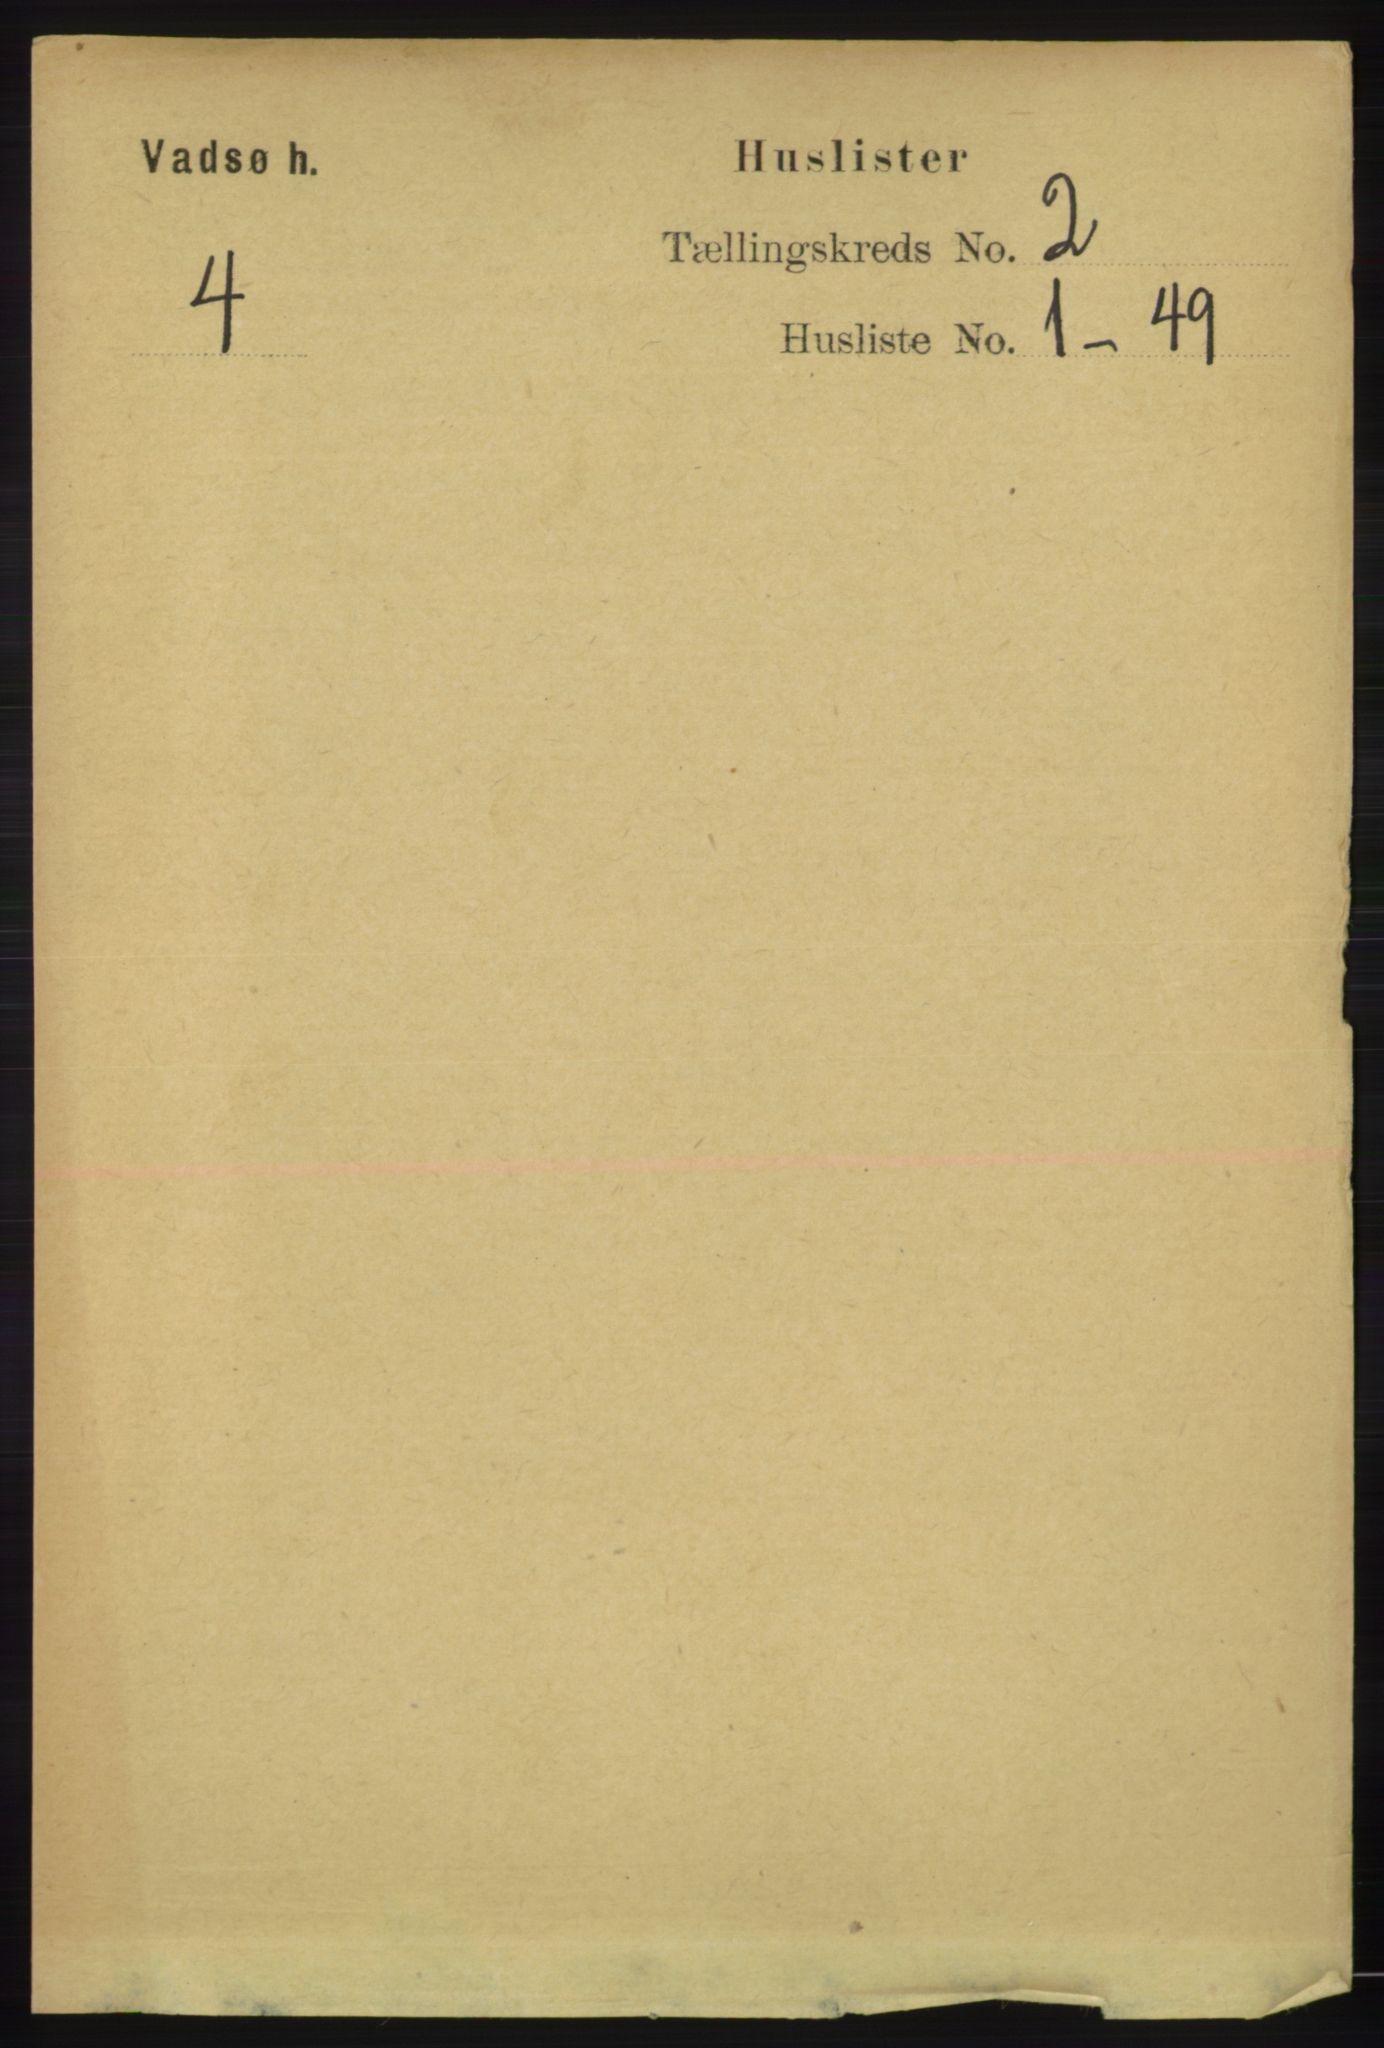 RA, Folketelling 1891 for 2029 Vadsø herred, 1891, s. 403